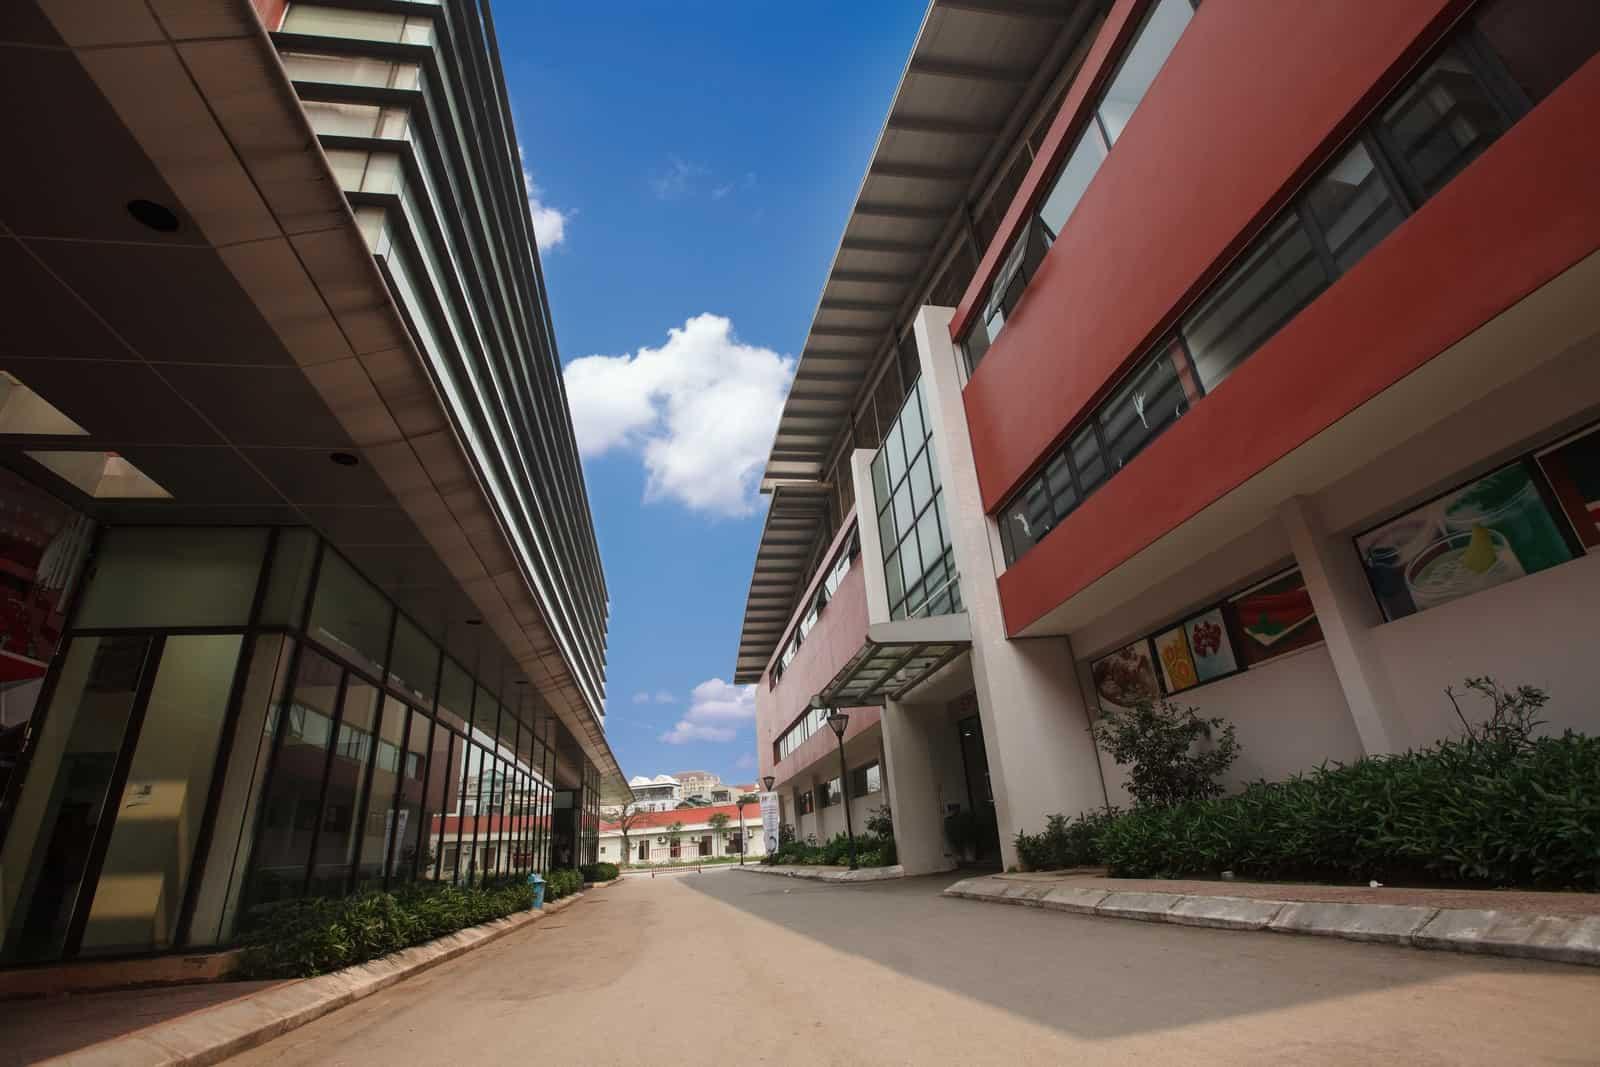 truong-mam-non-dat-chuan-quoc-gia Trường mầm non đạt chuẩn quốc gia phân theo 2 cấp độ bạn biết chưa?